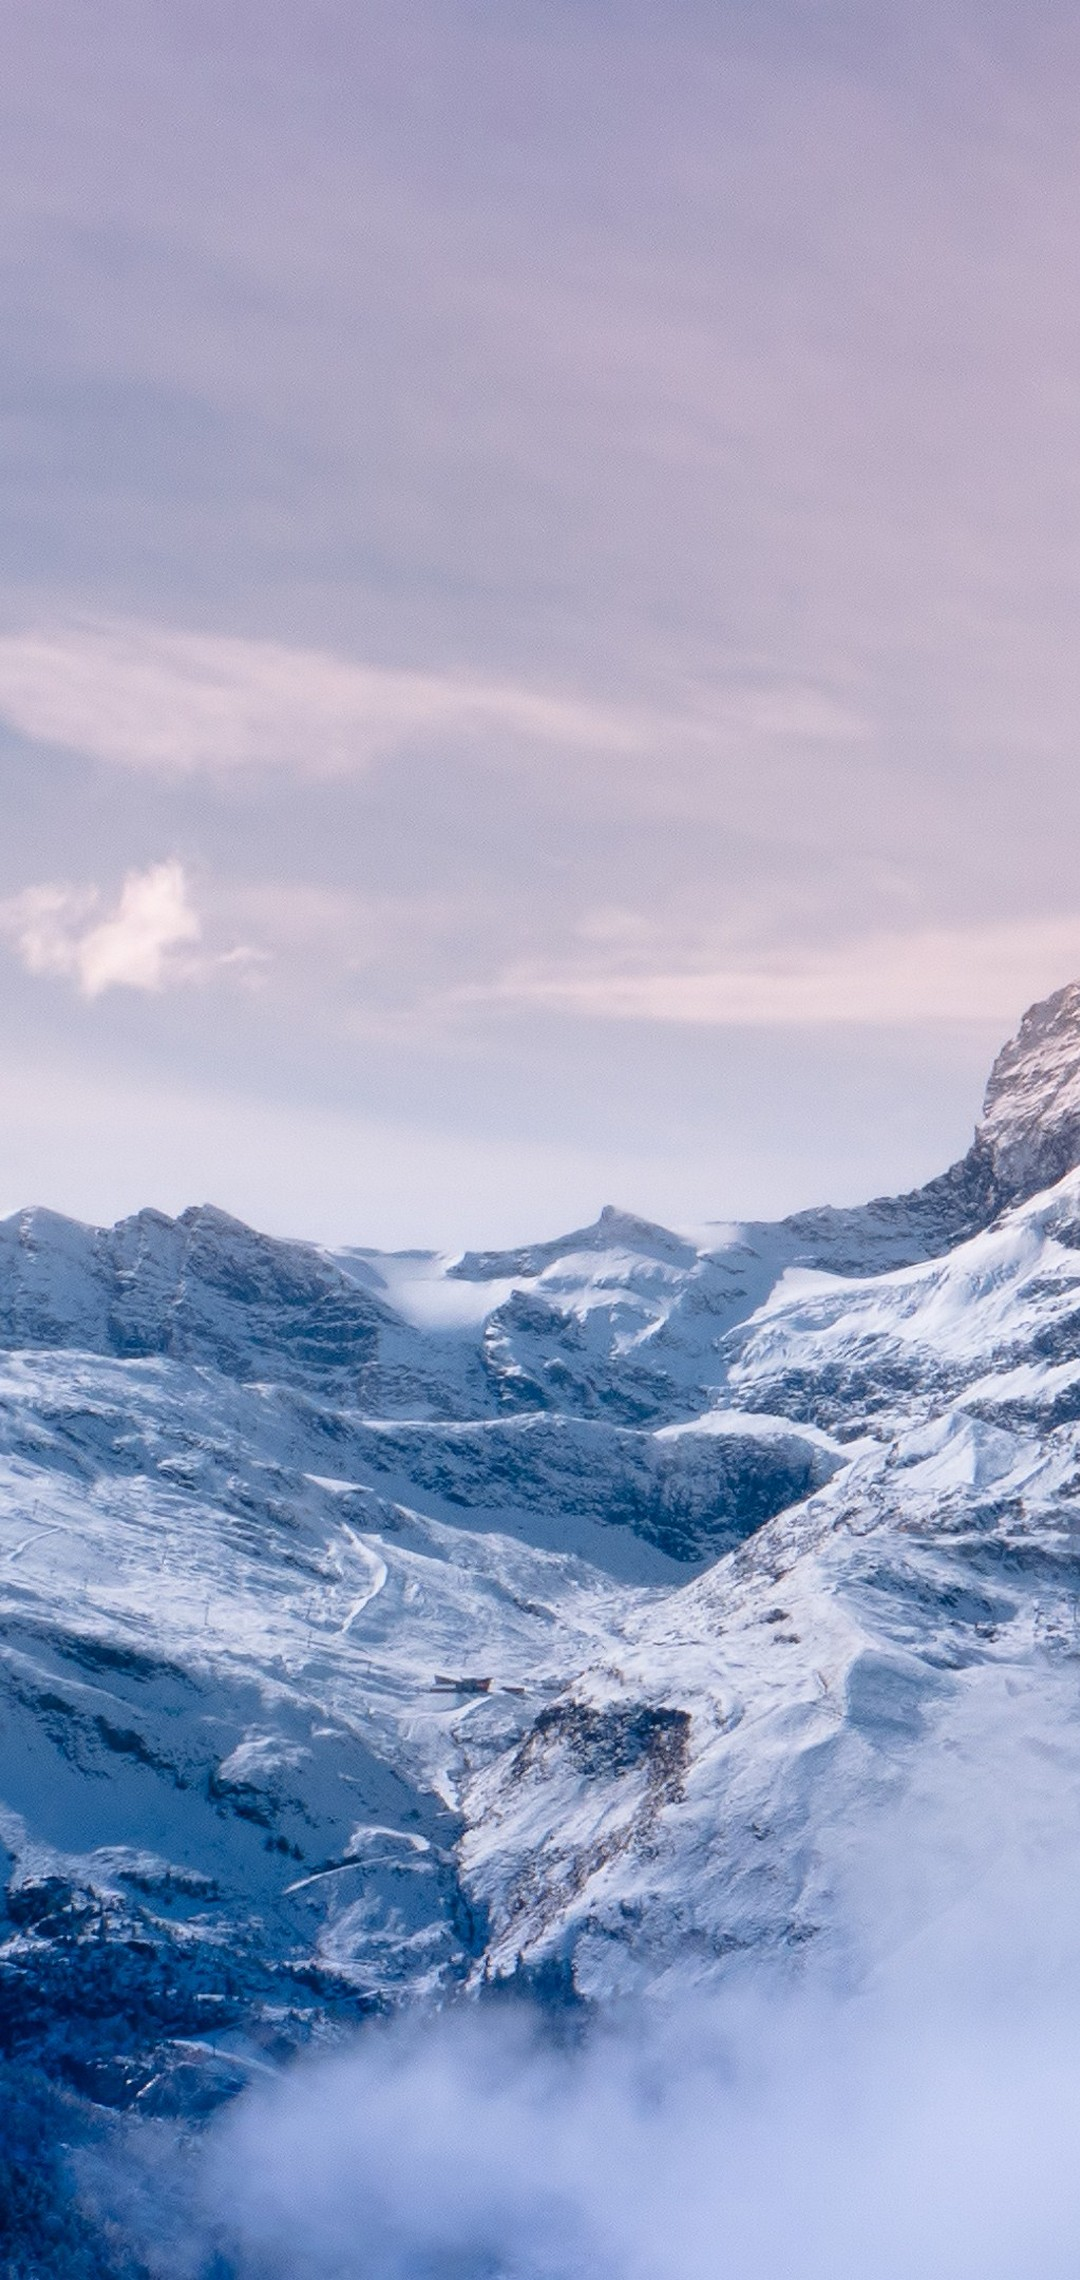 Snow mountain wallpaper 1080x2280 - 1080 x 1080 background ...